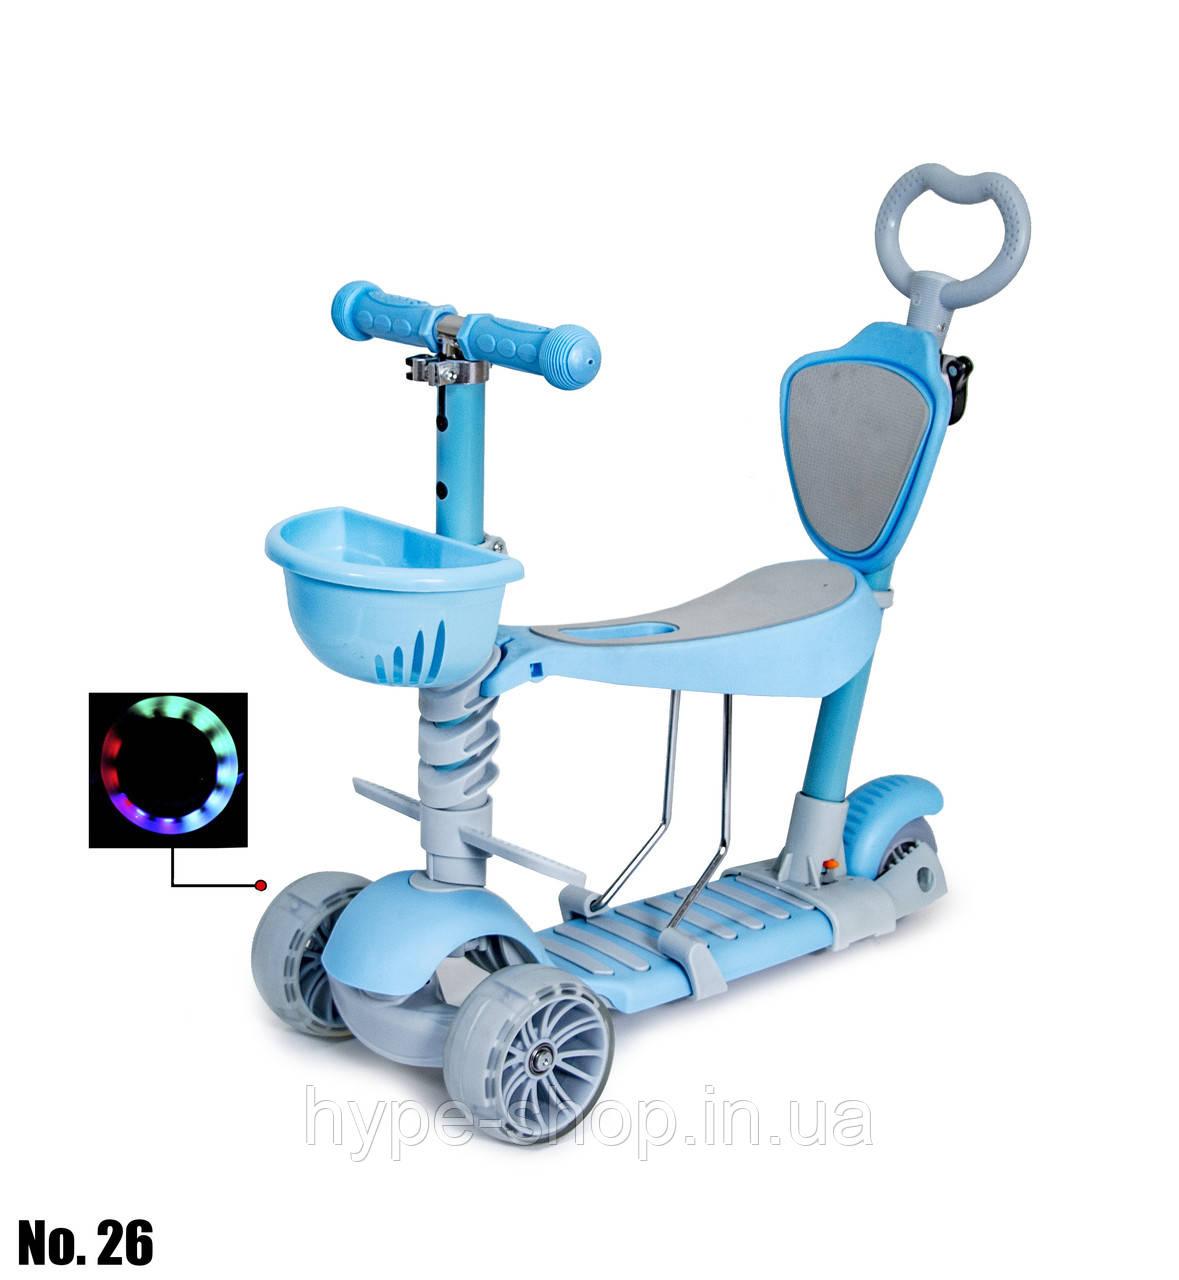 Самокат Scooter Smart 5 в 1 голубой оптом